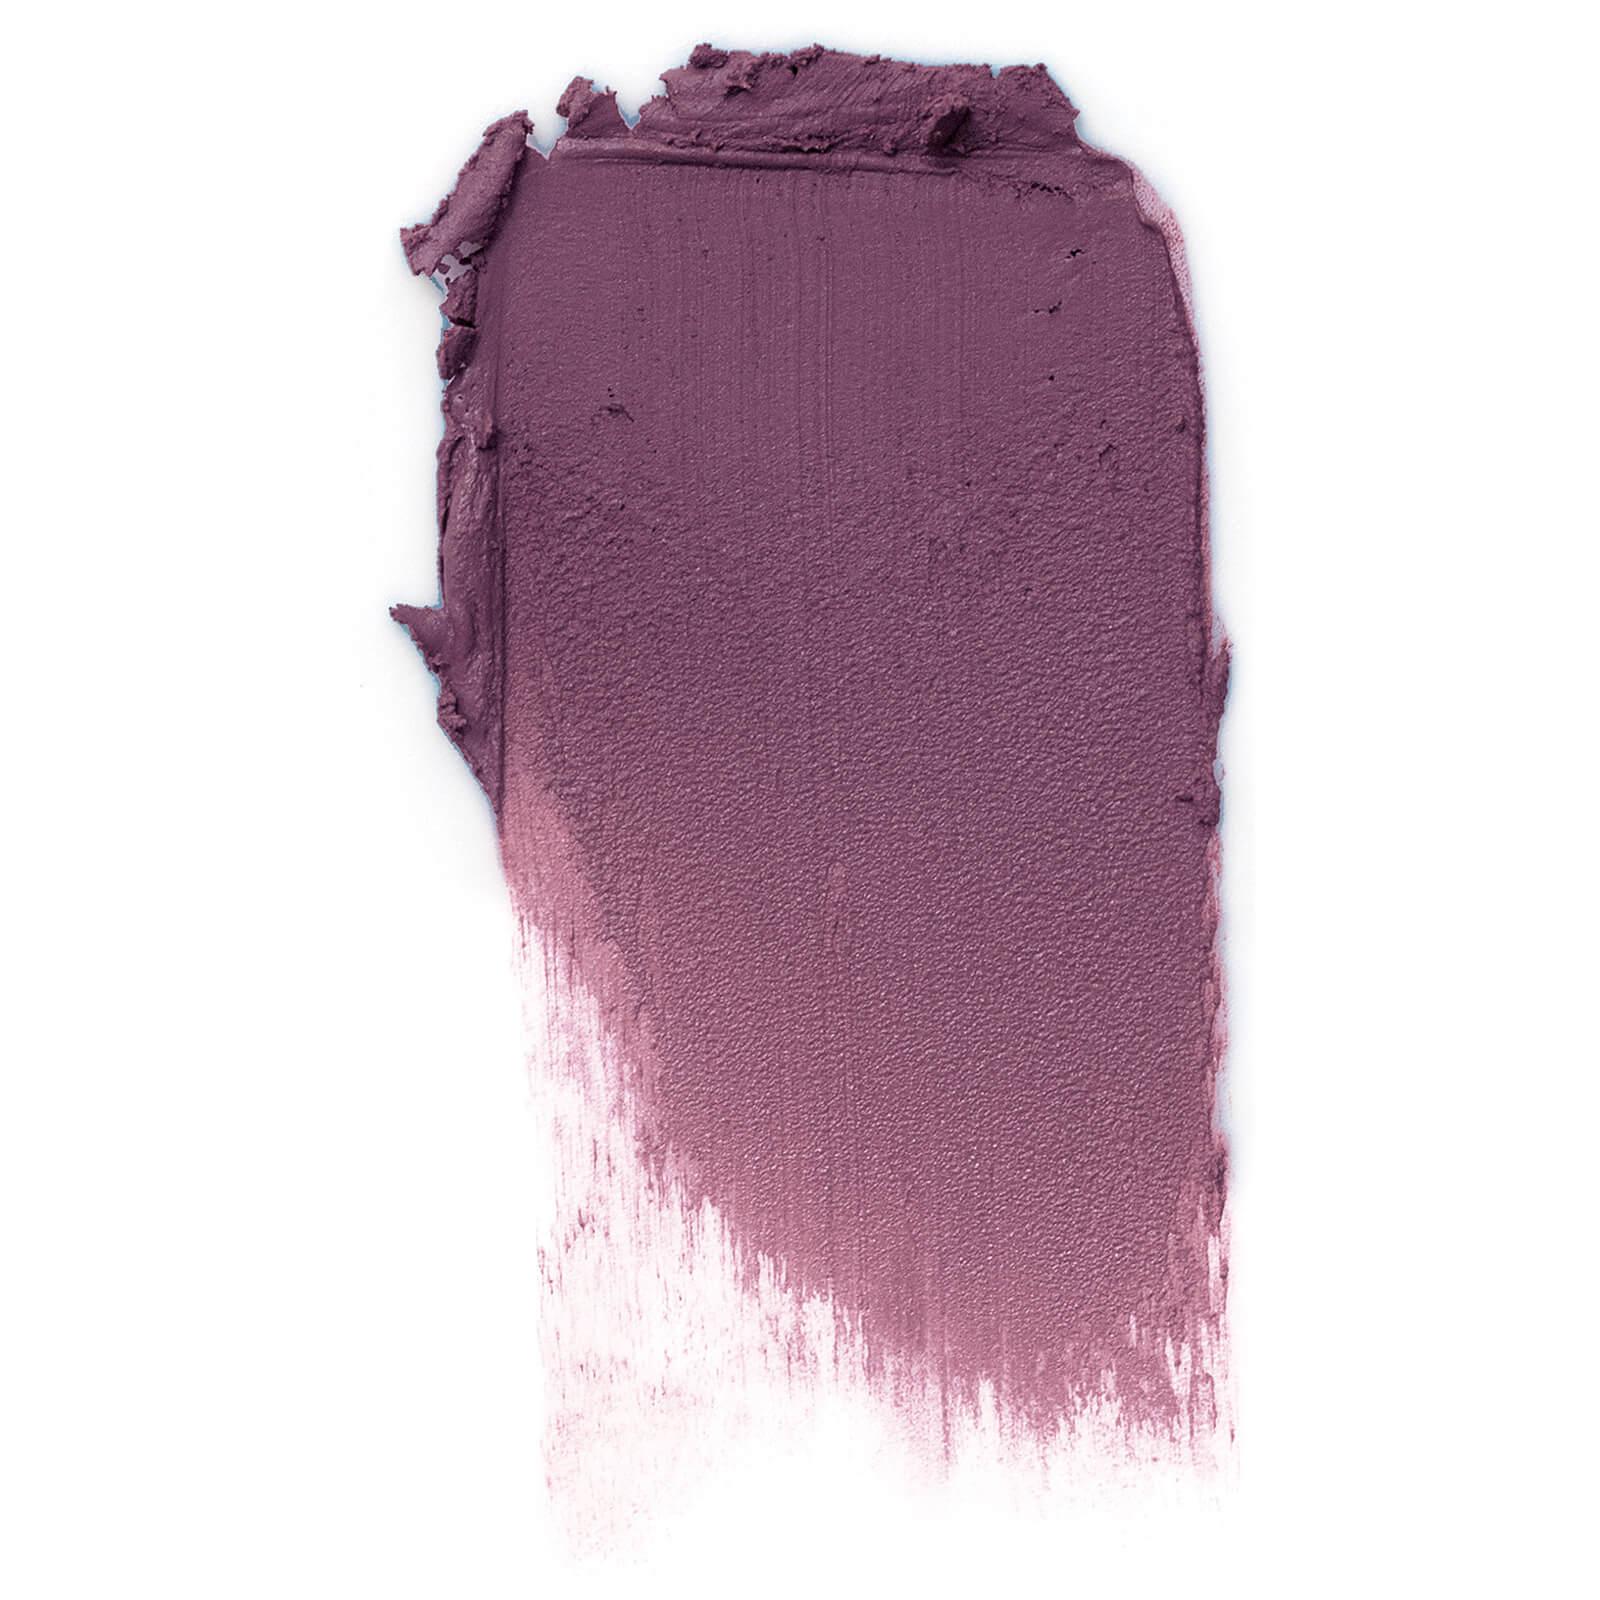 Bobbi Brown Luxe Matte Lip Colour (Various Shades) - Plum Noir